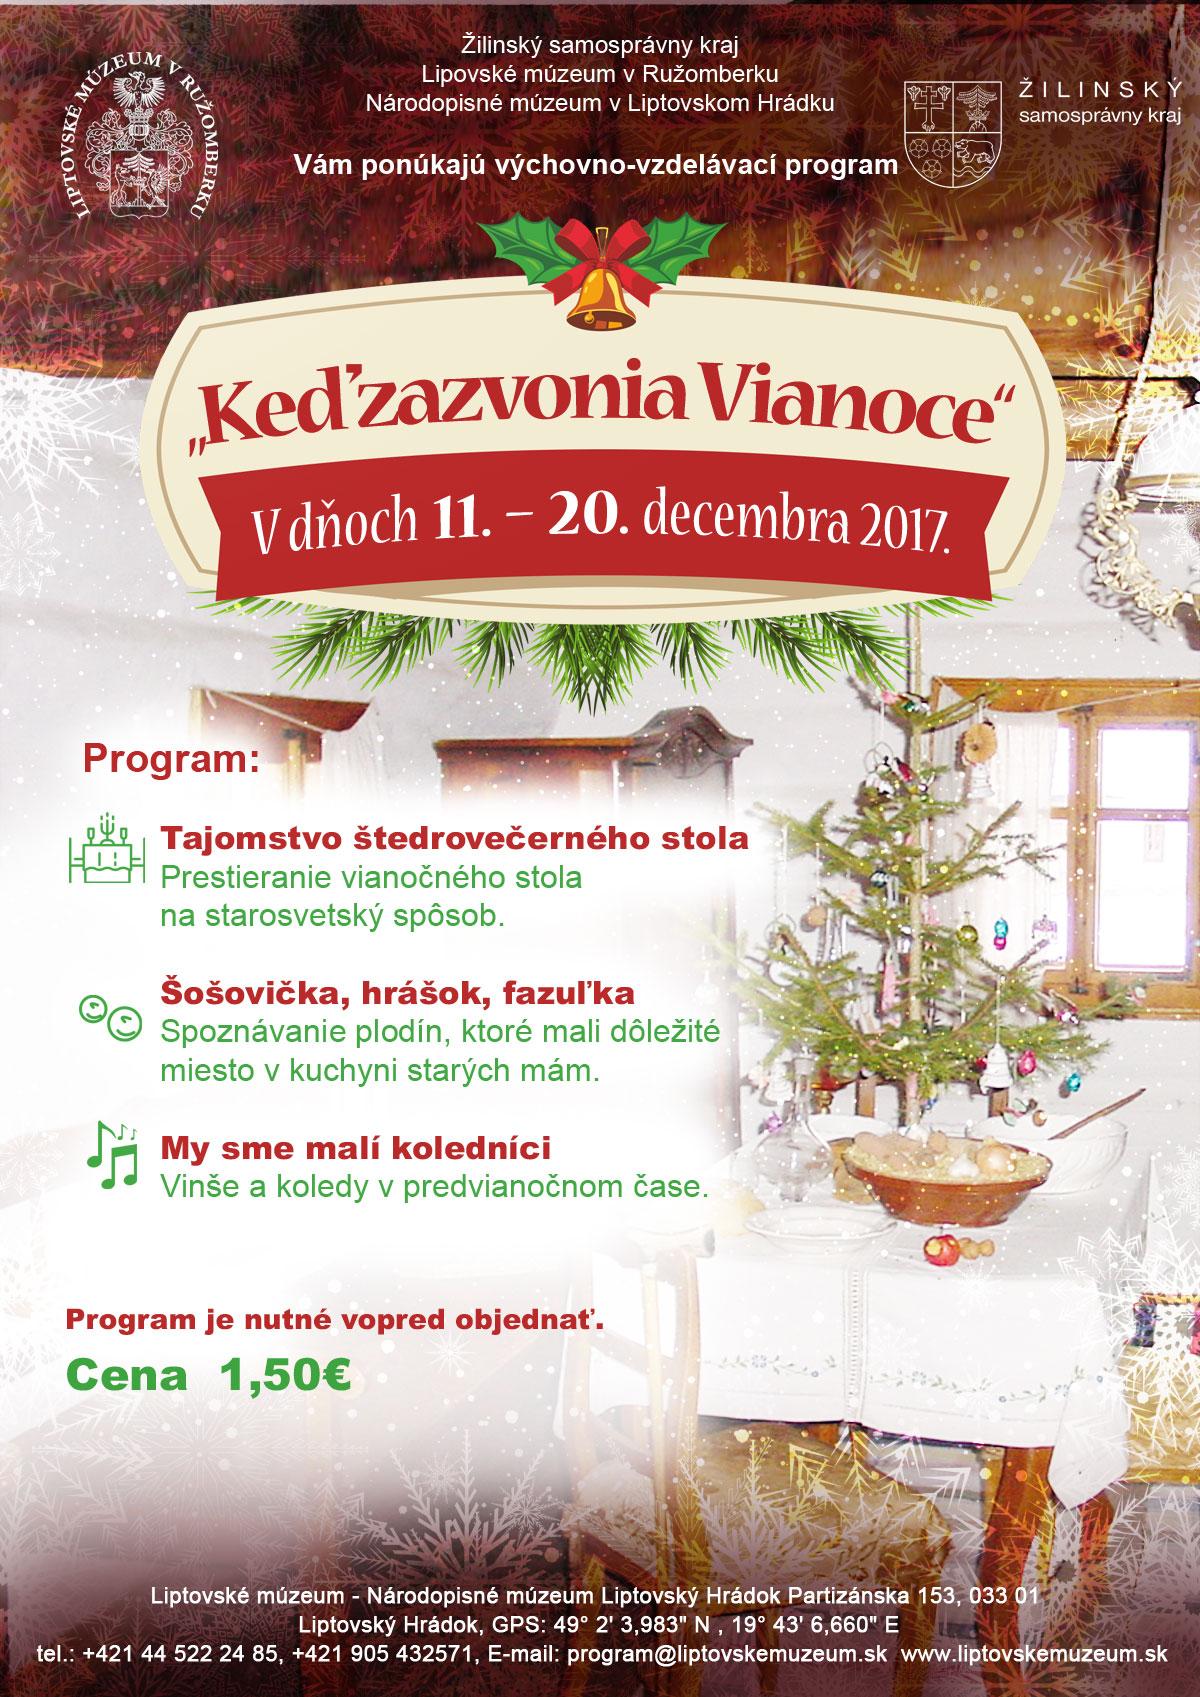 webkedvianocezvonia2017